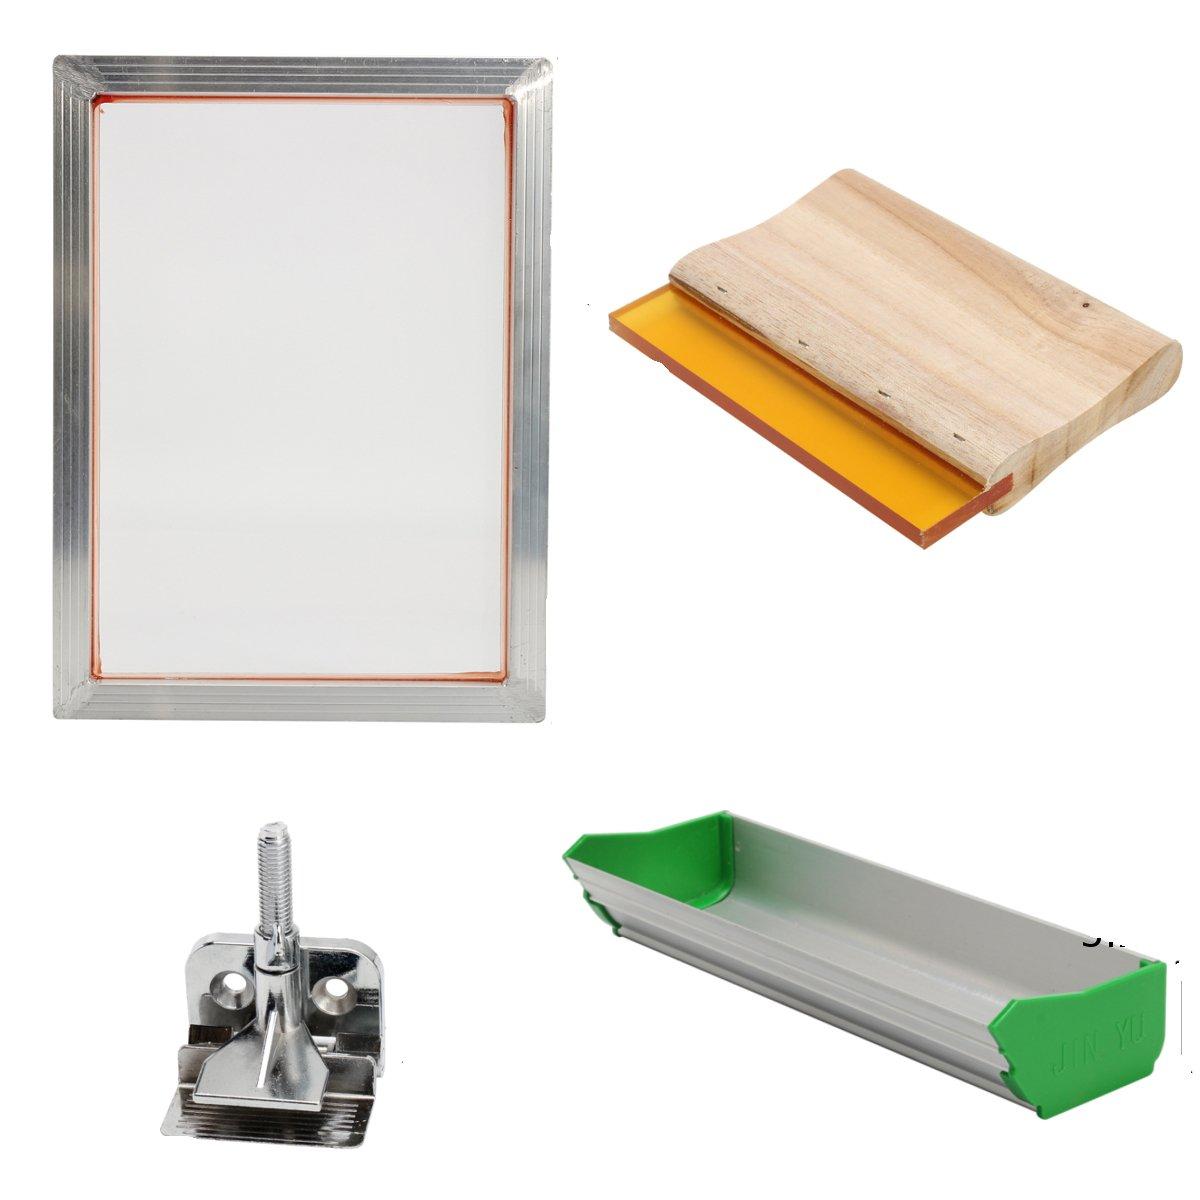 Wuchance Kit für Siebdruckwerkzeuge mit Aluminiumrahmenscharnierklemmemulsionsrakel